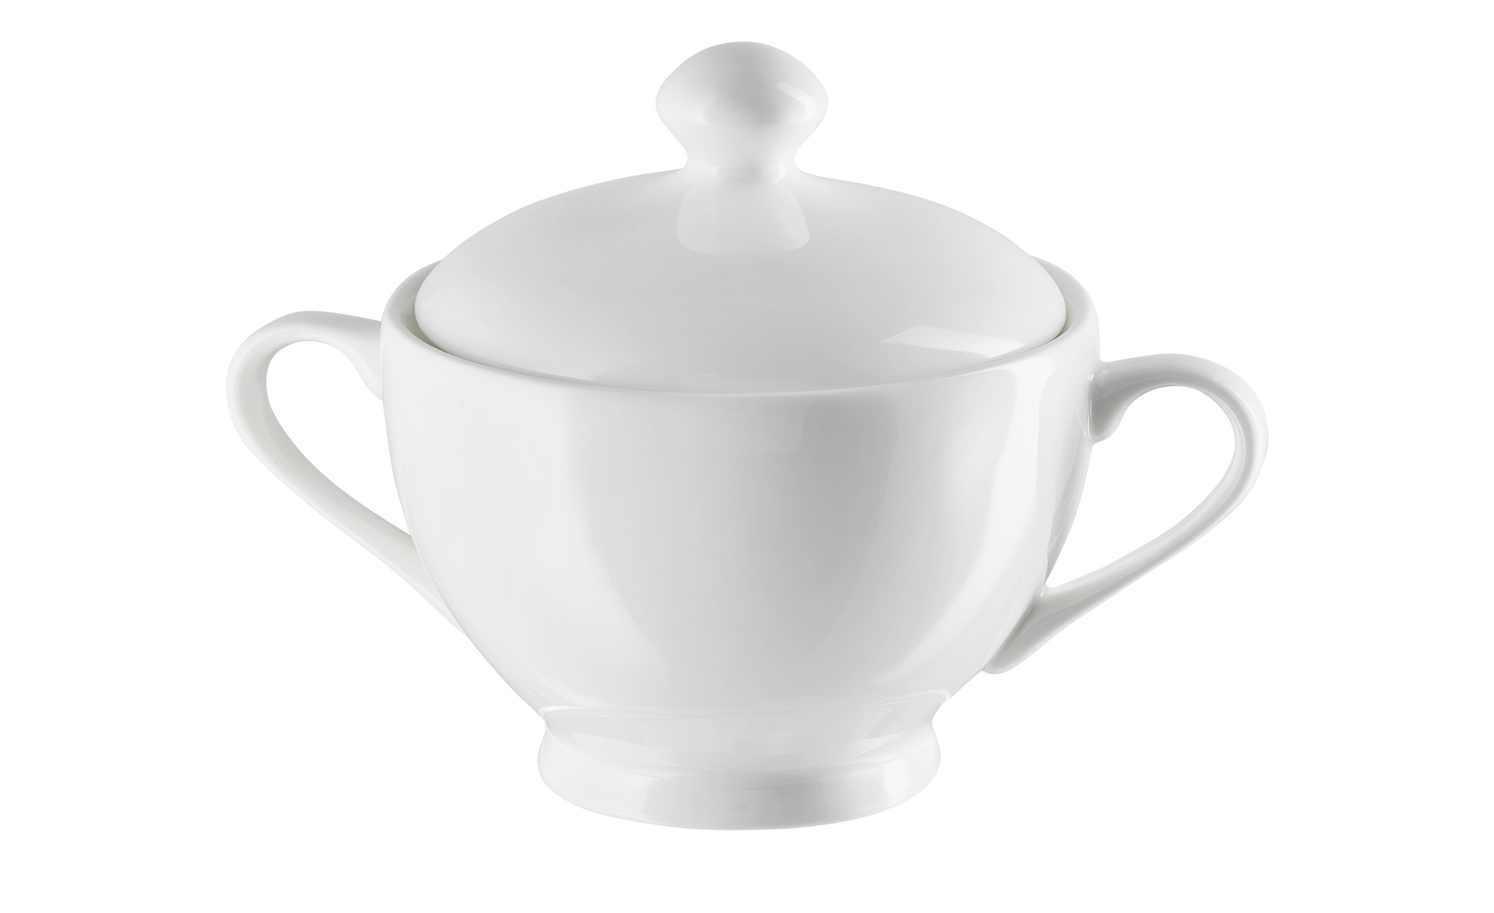 Zuckerdose Porzellan Weiß Mit Deckel 10 x 11 cm PeillPutzler Deckeldose